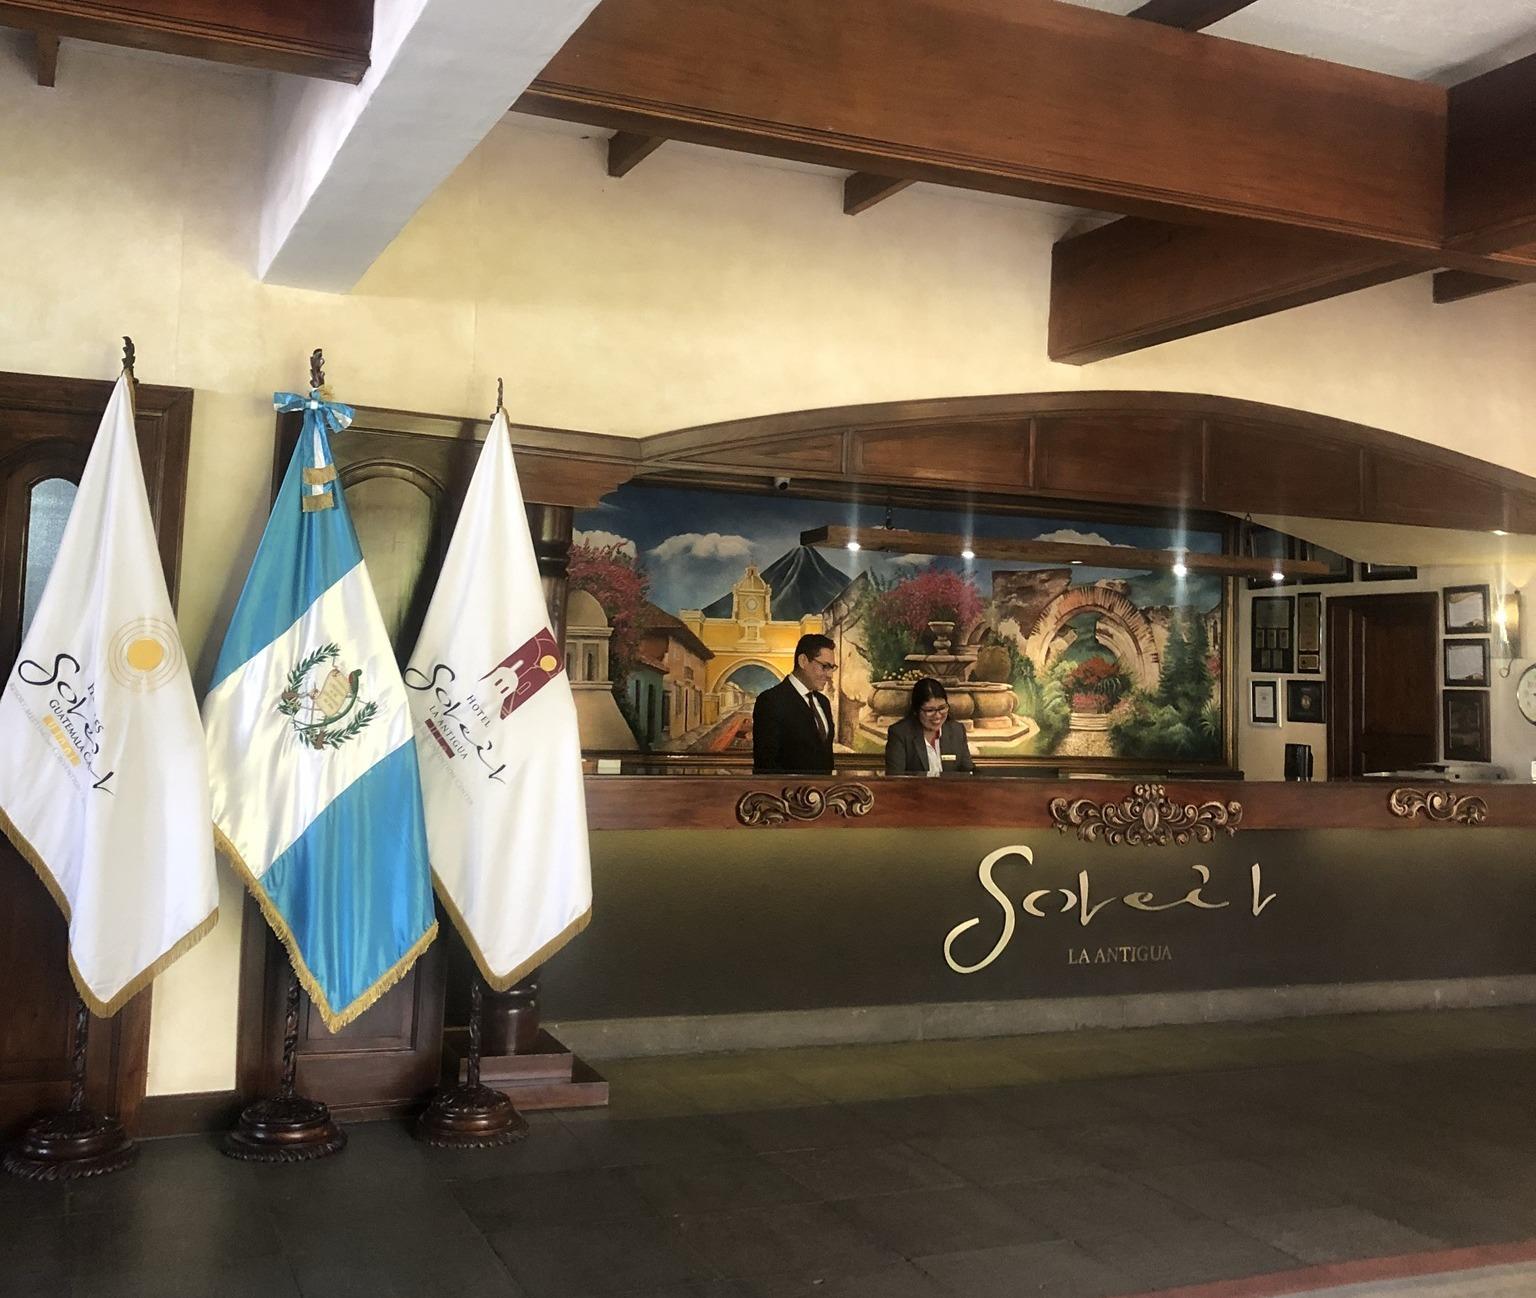 アンティグアのホテル Soleil La Antigua @グアテマラ_a0092659_14072724.jpg